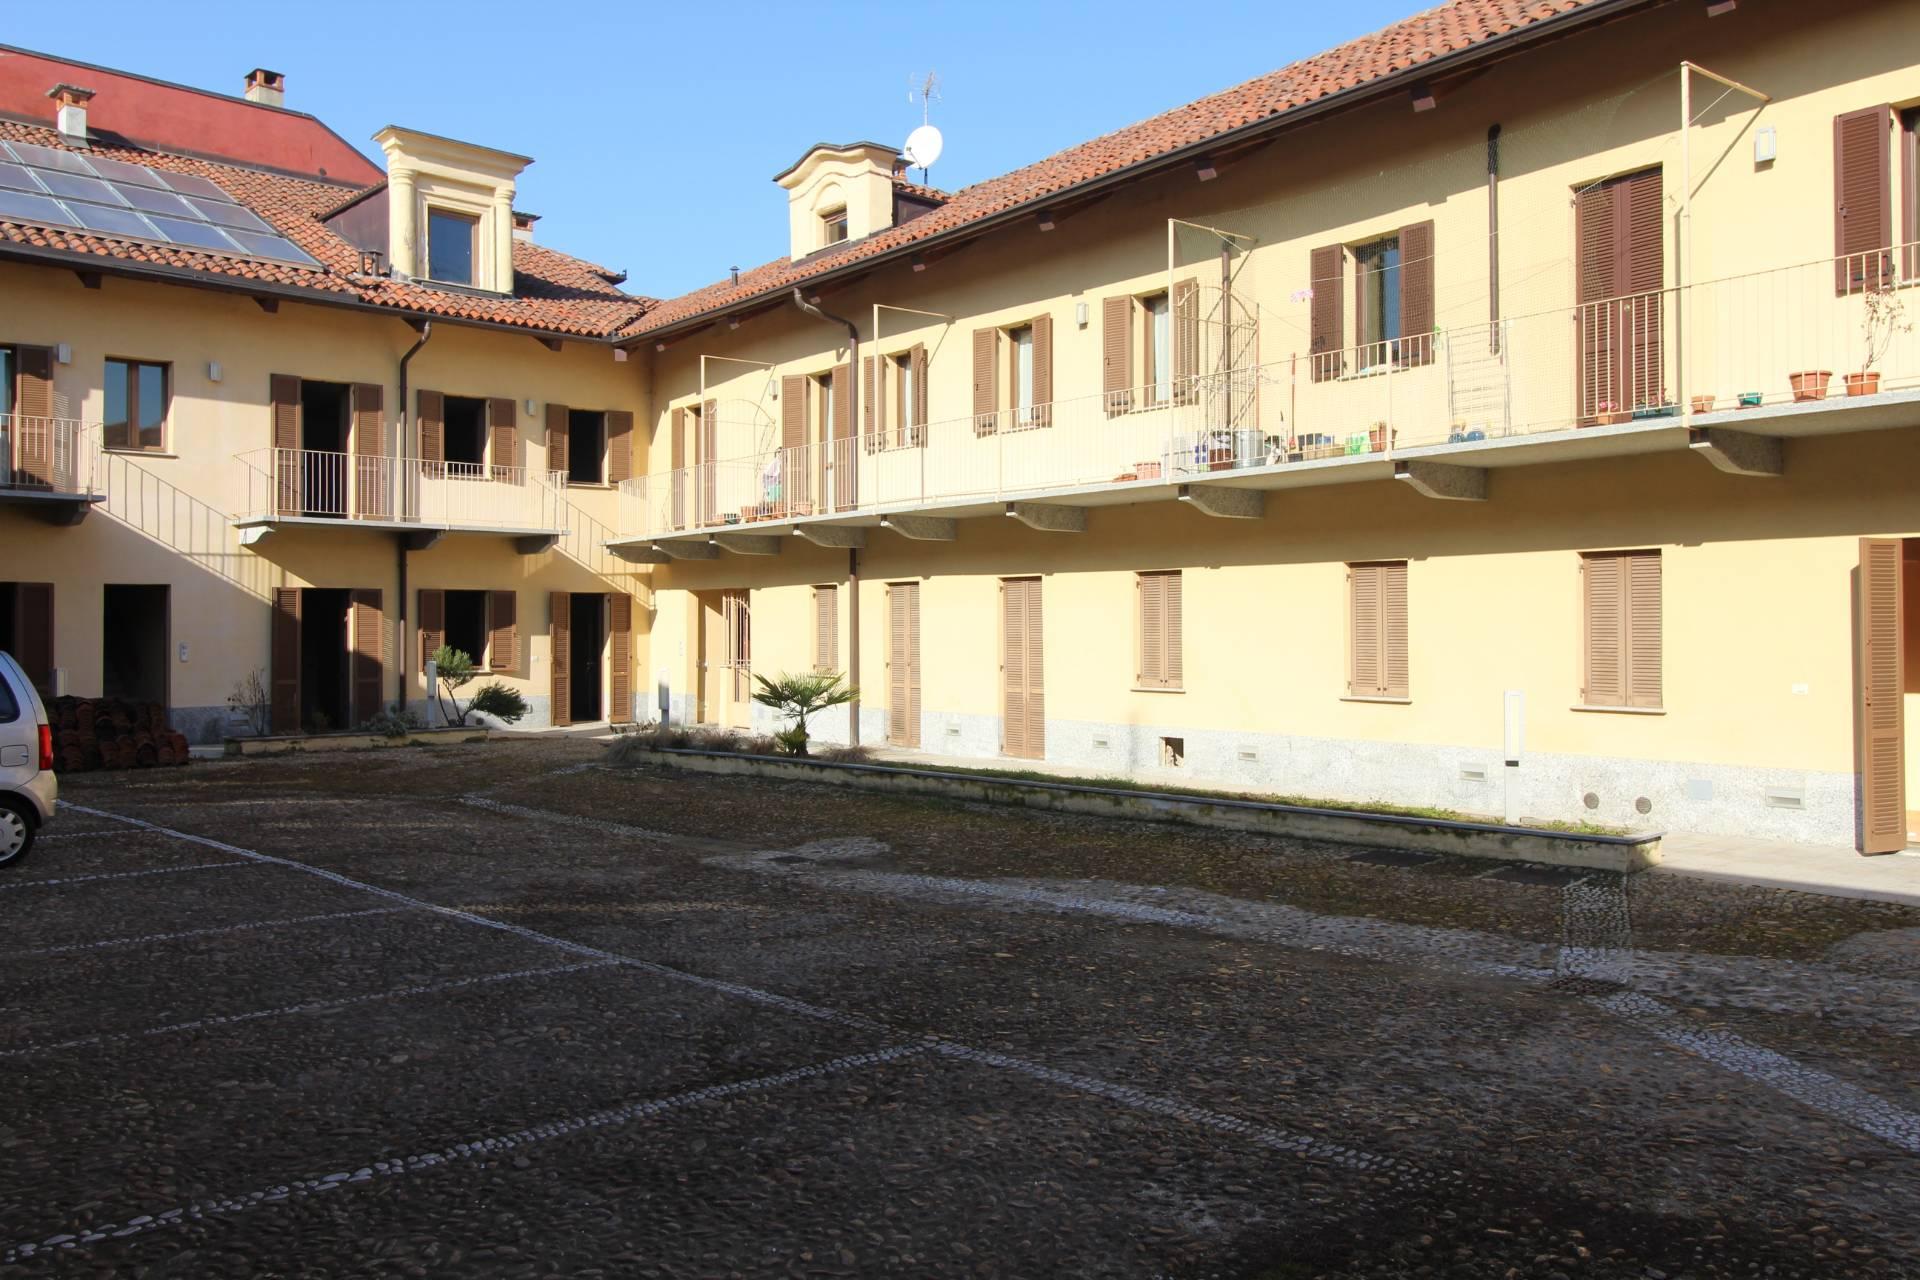 Appartamento in vendita a Venaria Reale, 1 locali, zona Località: CentroStorico, prezzo € 75.000 | CambioCasa.it